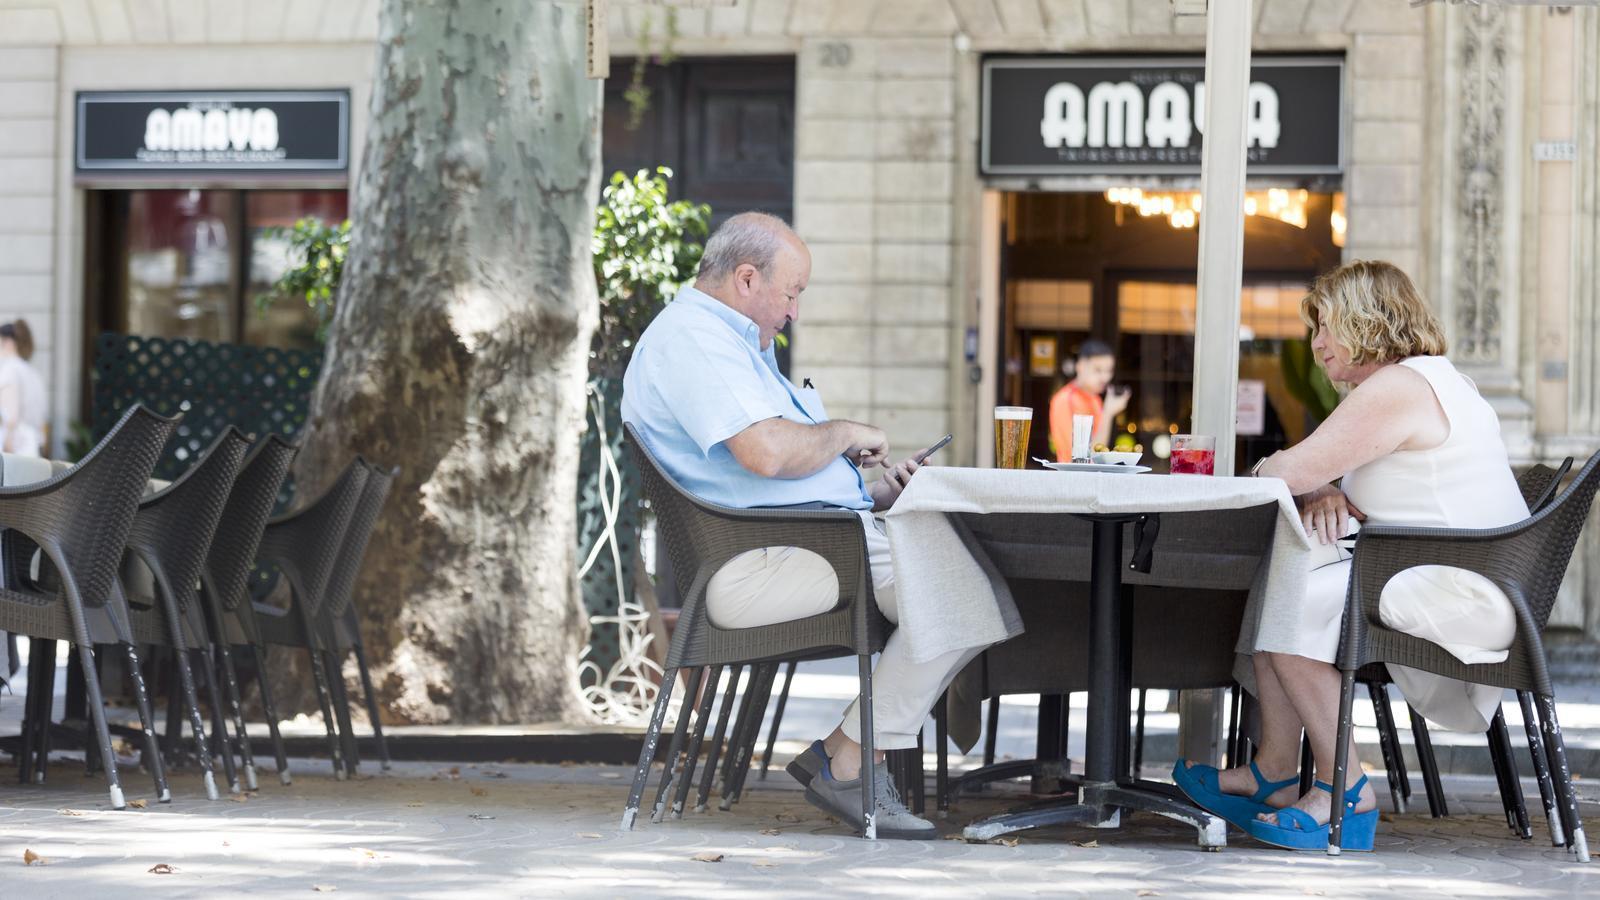 La terrassa del bar Amaya, a la Rambla, aquest matí